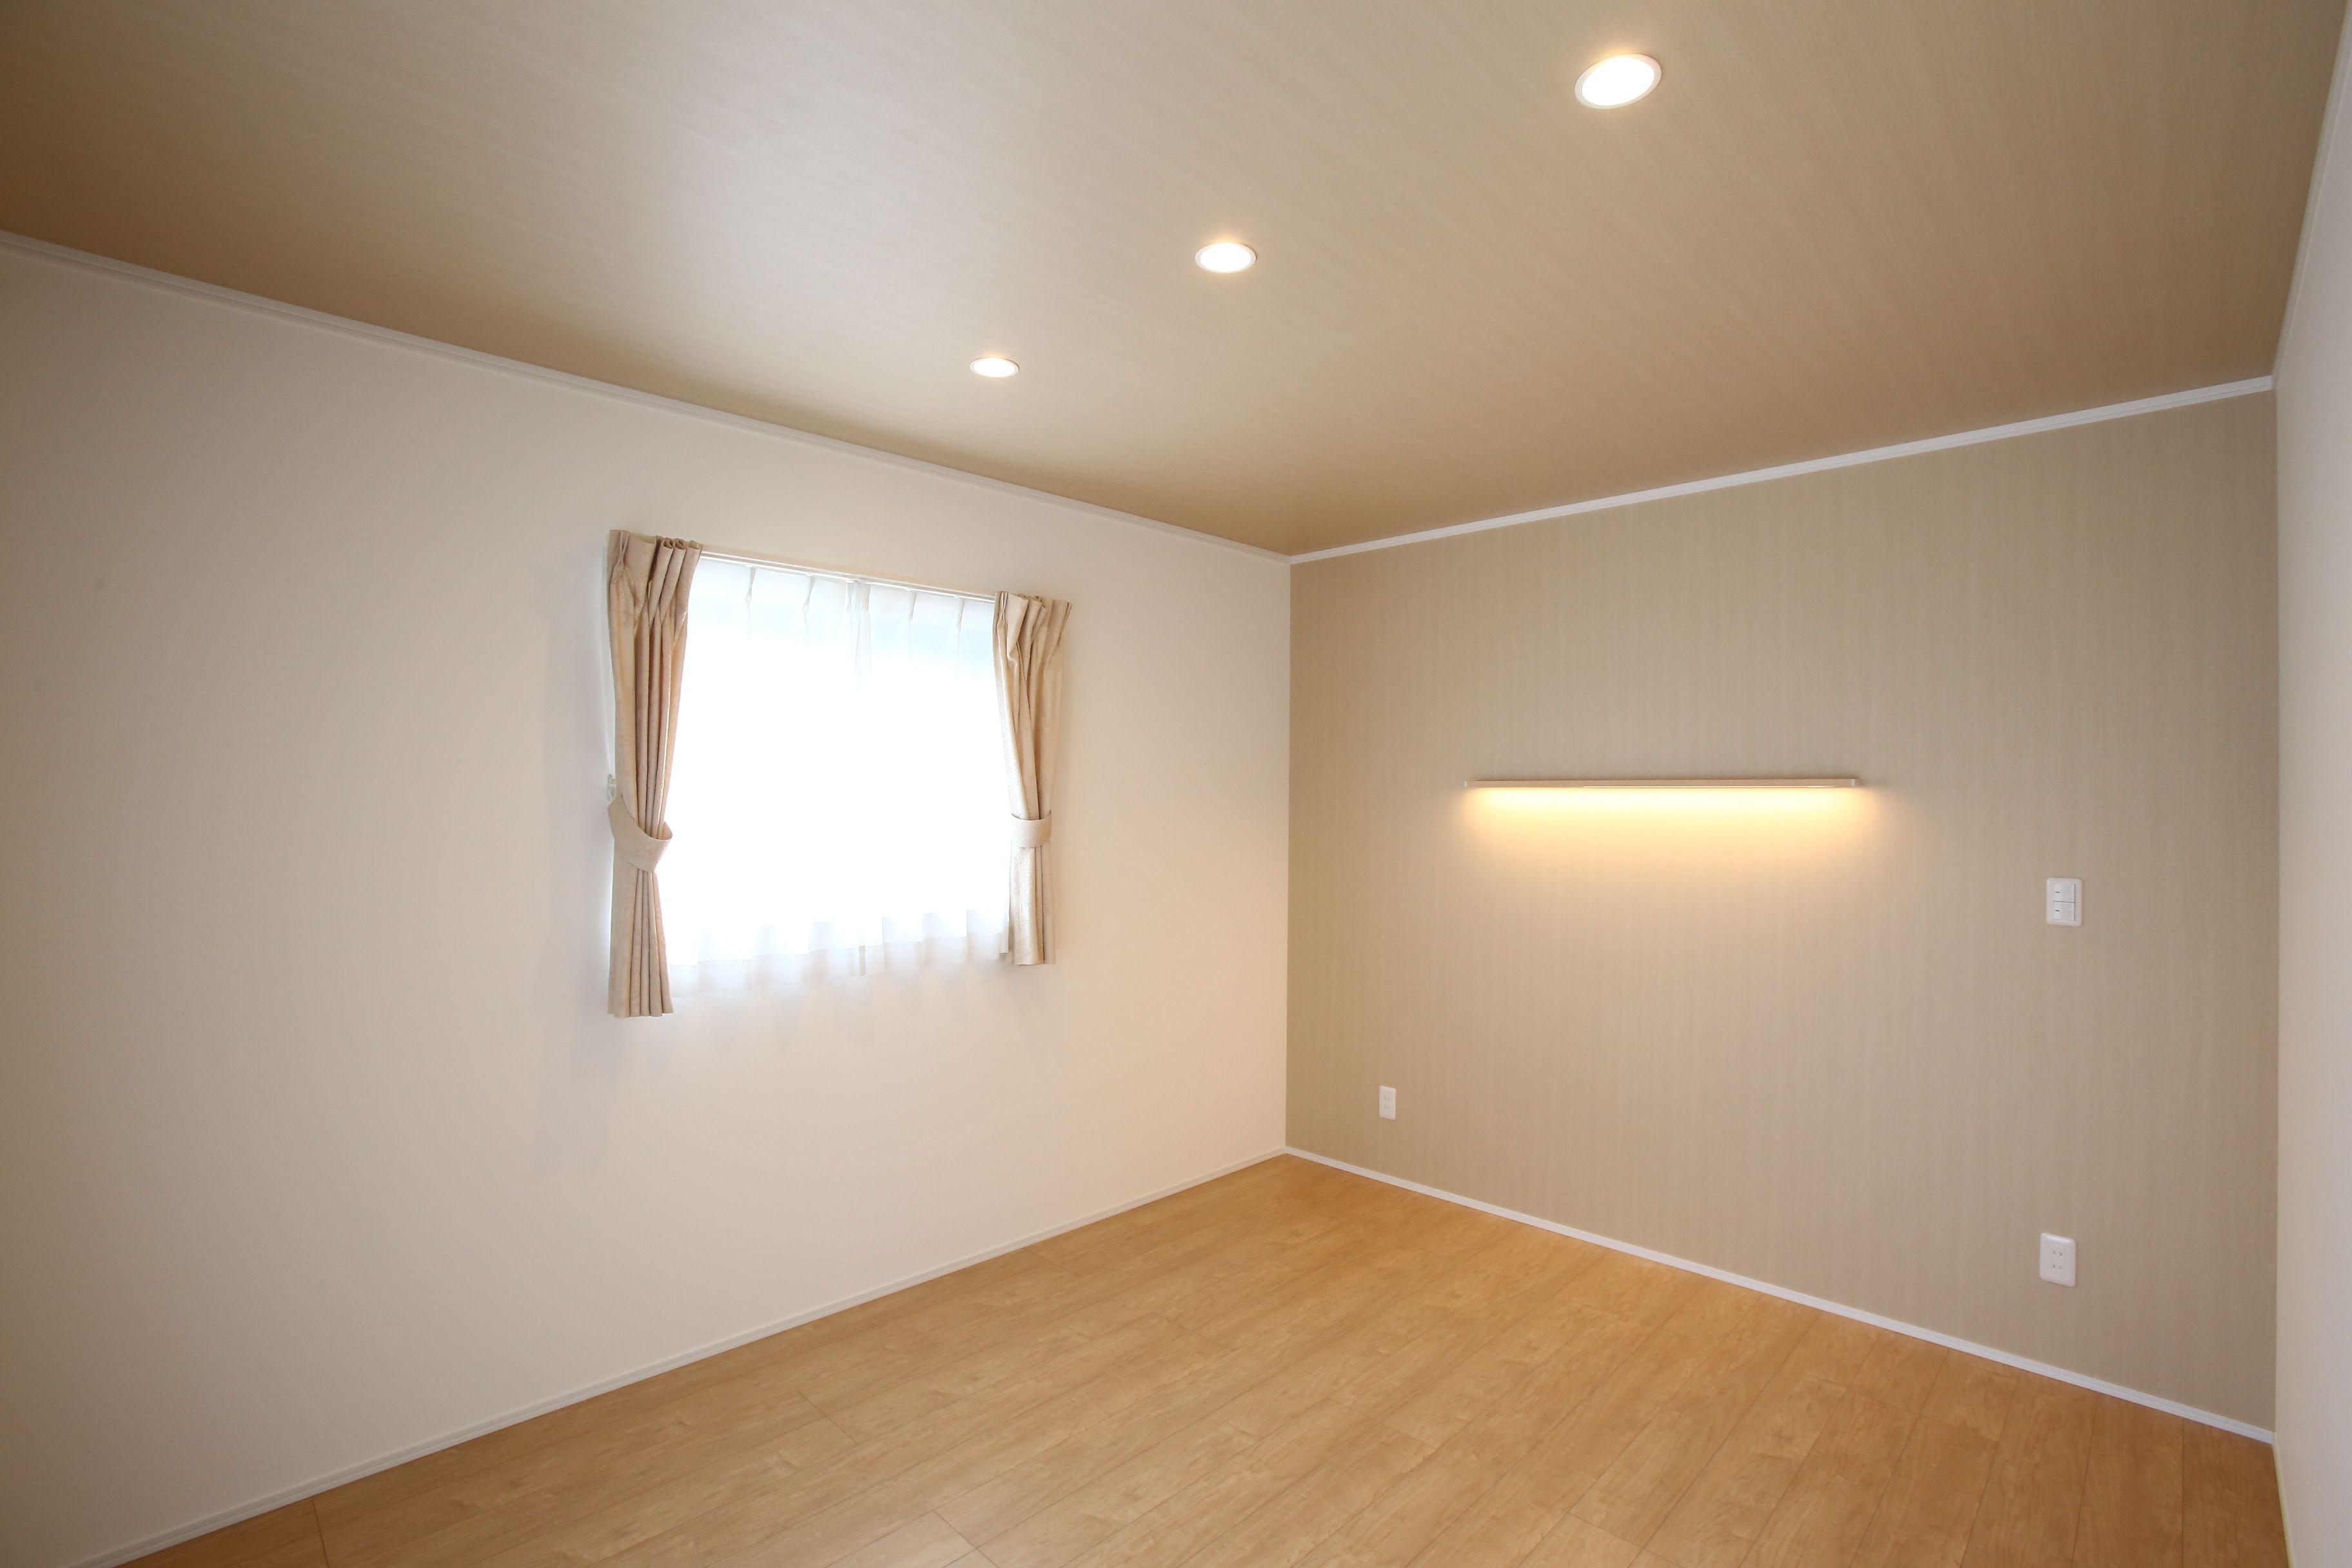 建築実例 寝室 洋室 壁紙 天井 ビニールクロス 照明 ダウンライト